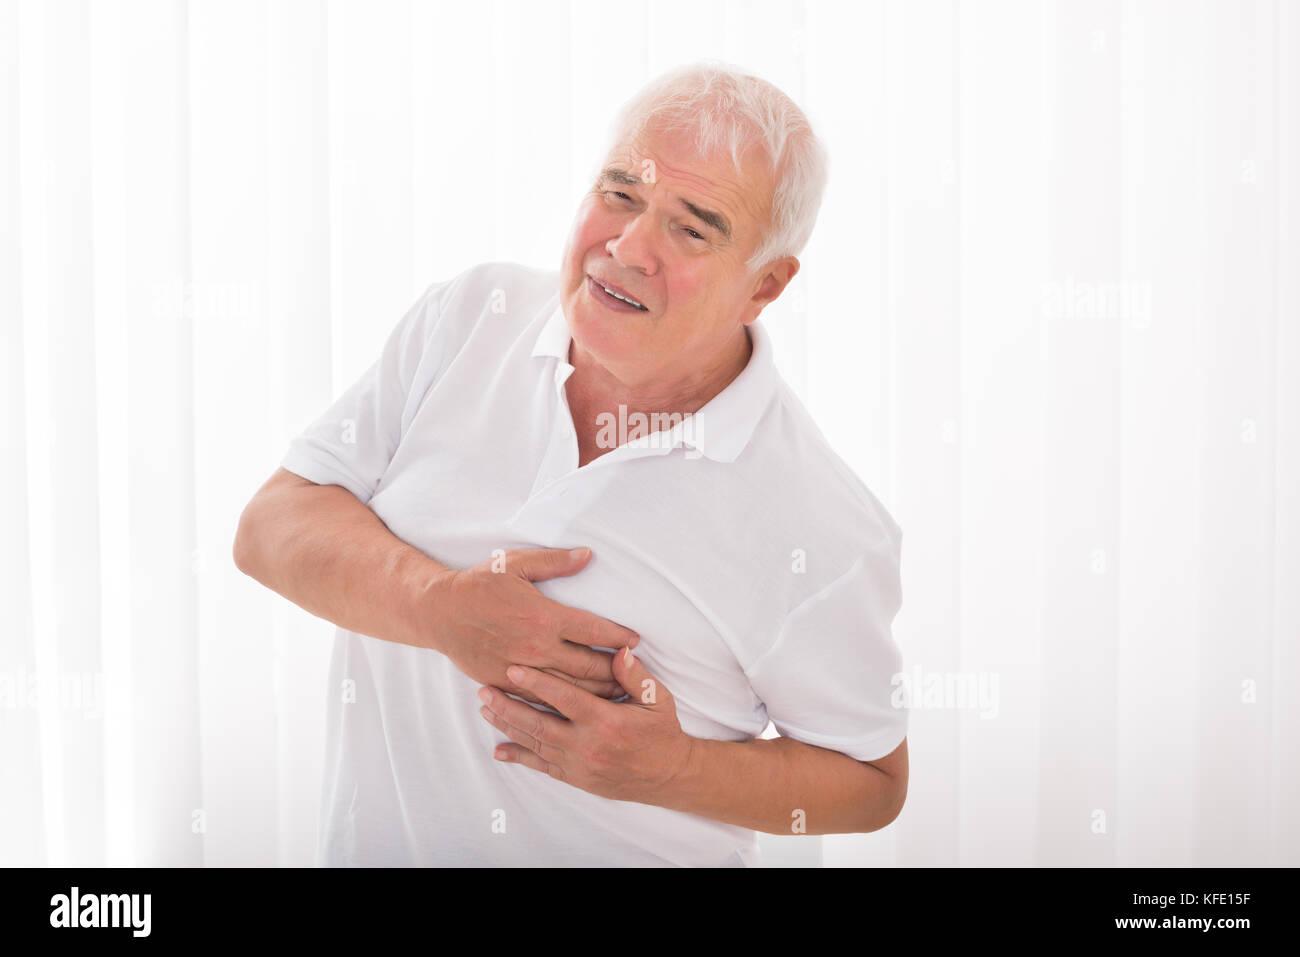 L'uomo con la mano sul petto che soffre di un attacco di cuore Immagini Stock